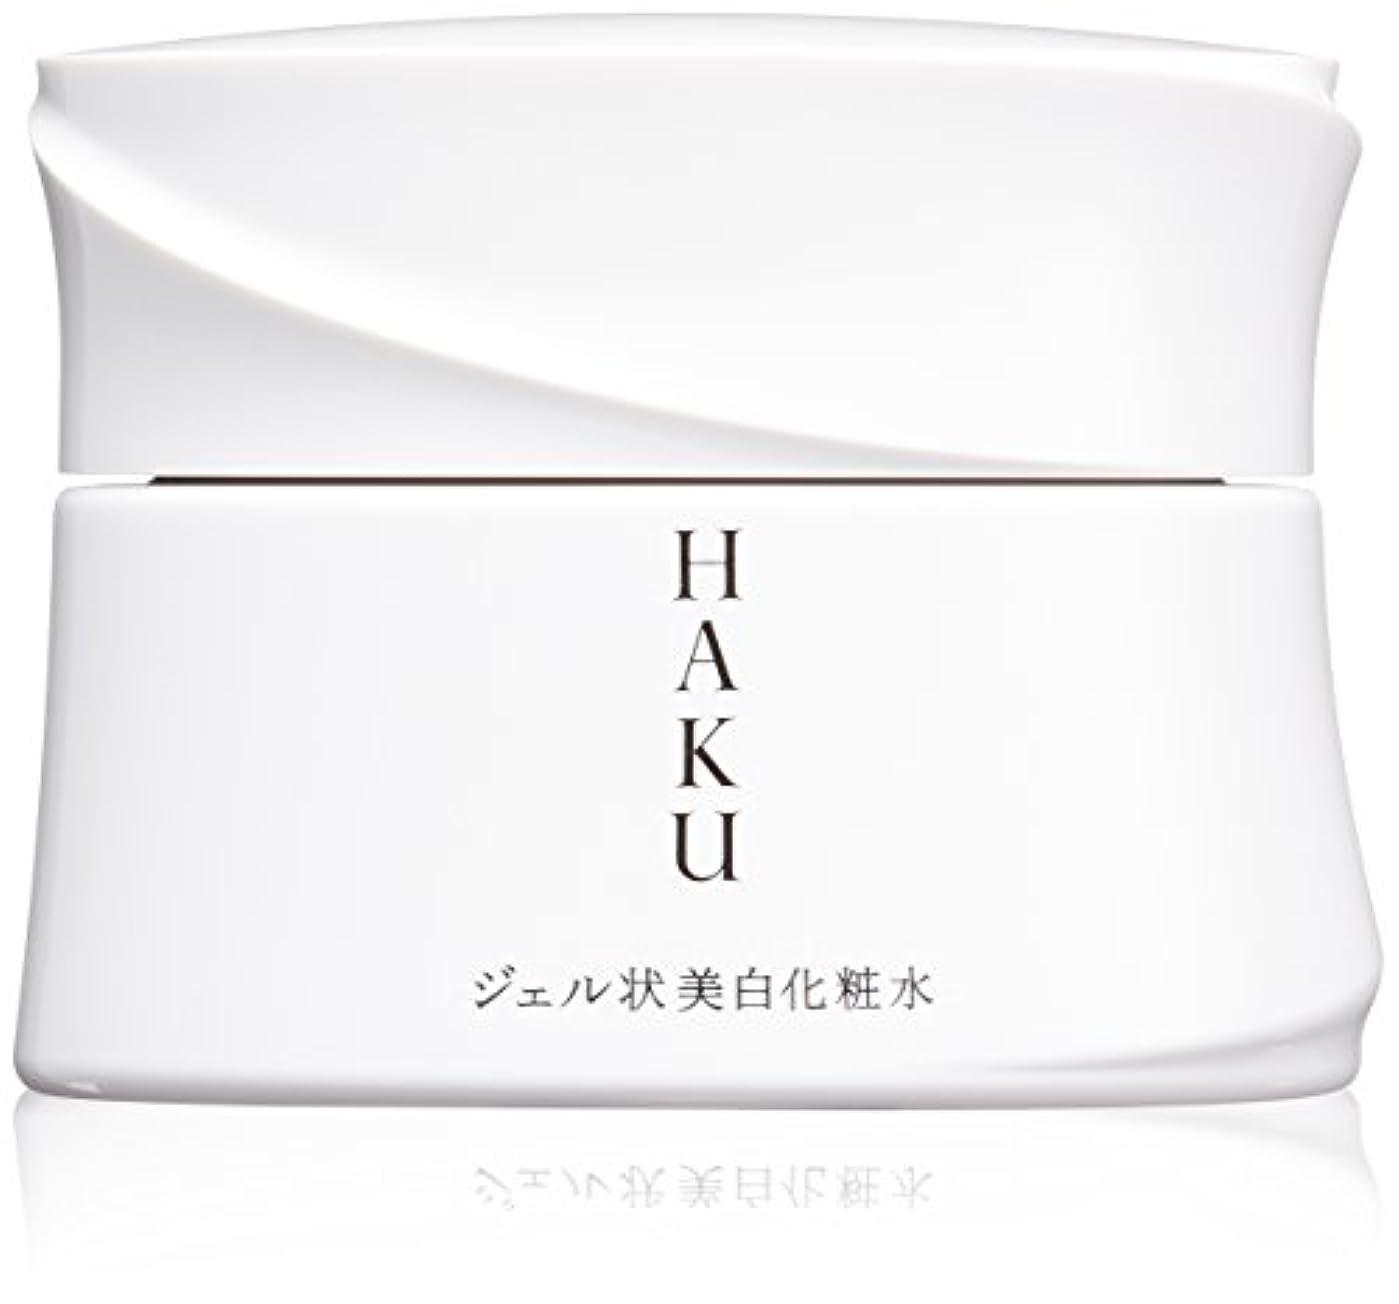 可能にする固有の競うHAKU メラノディープモイスチャー 美白化粧水 100g 【医薬部外品】